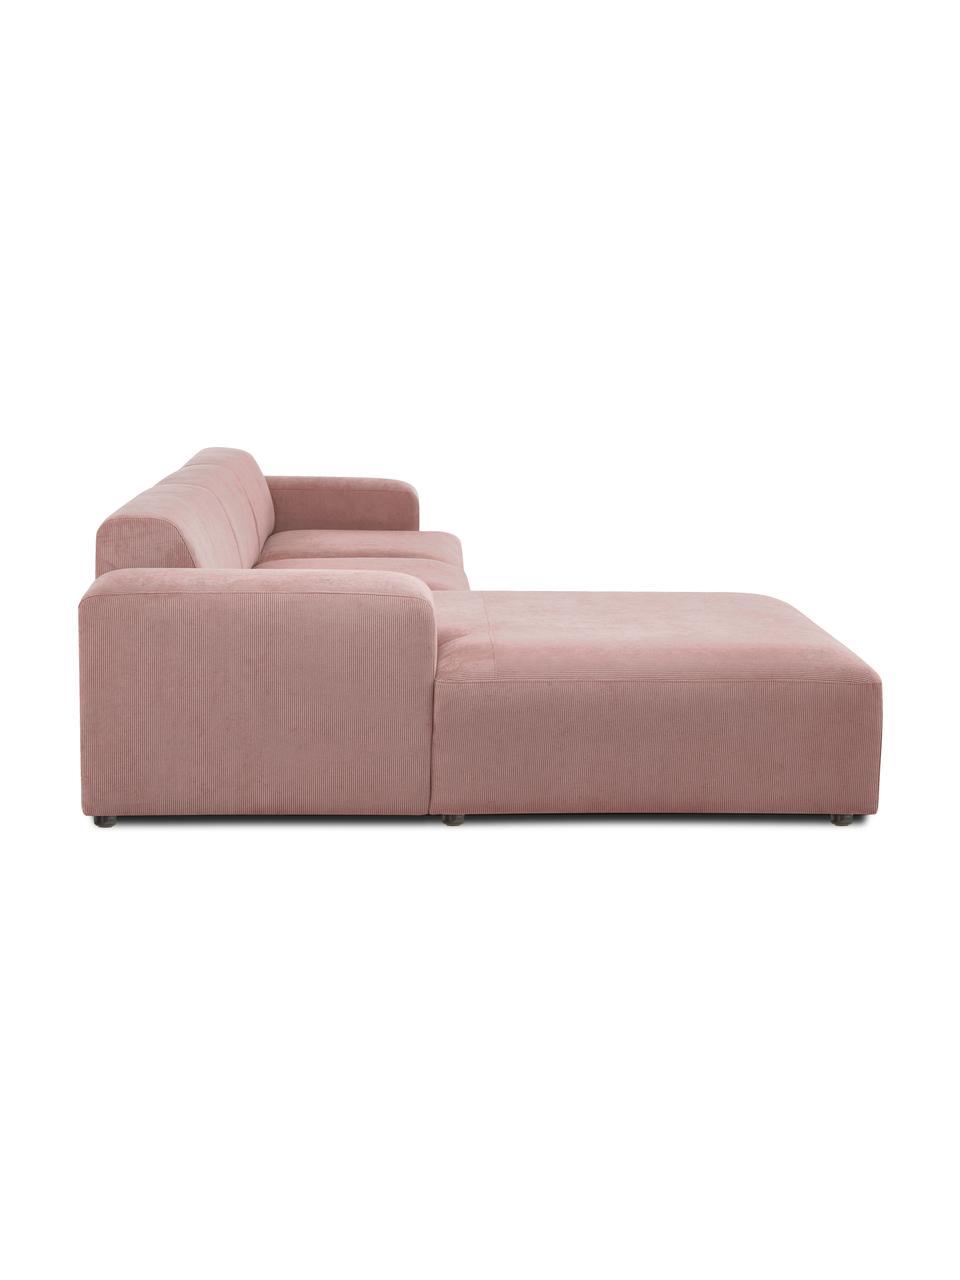 Canapé d'angle 4 places velours côtelé rose Melva, Velours côtelé rose